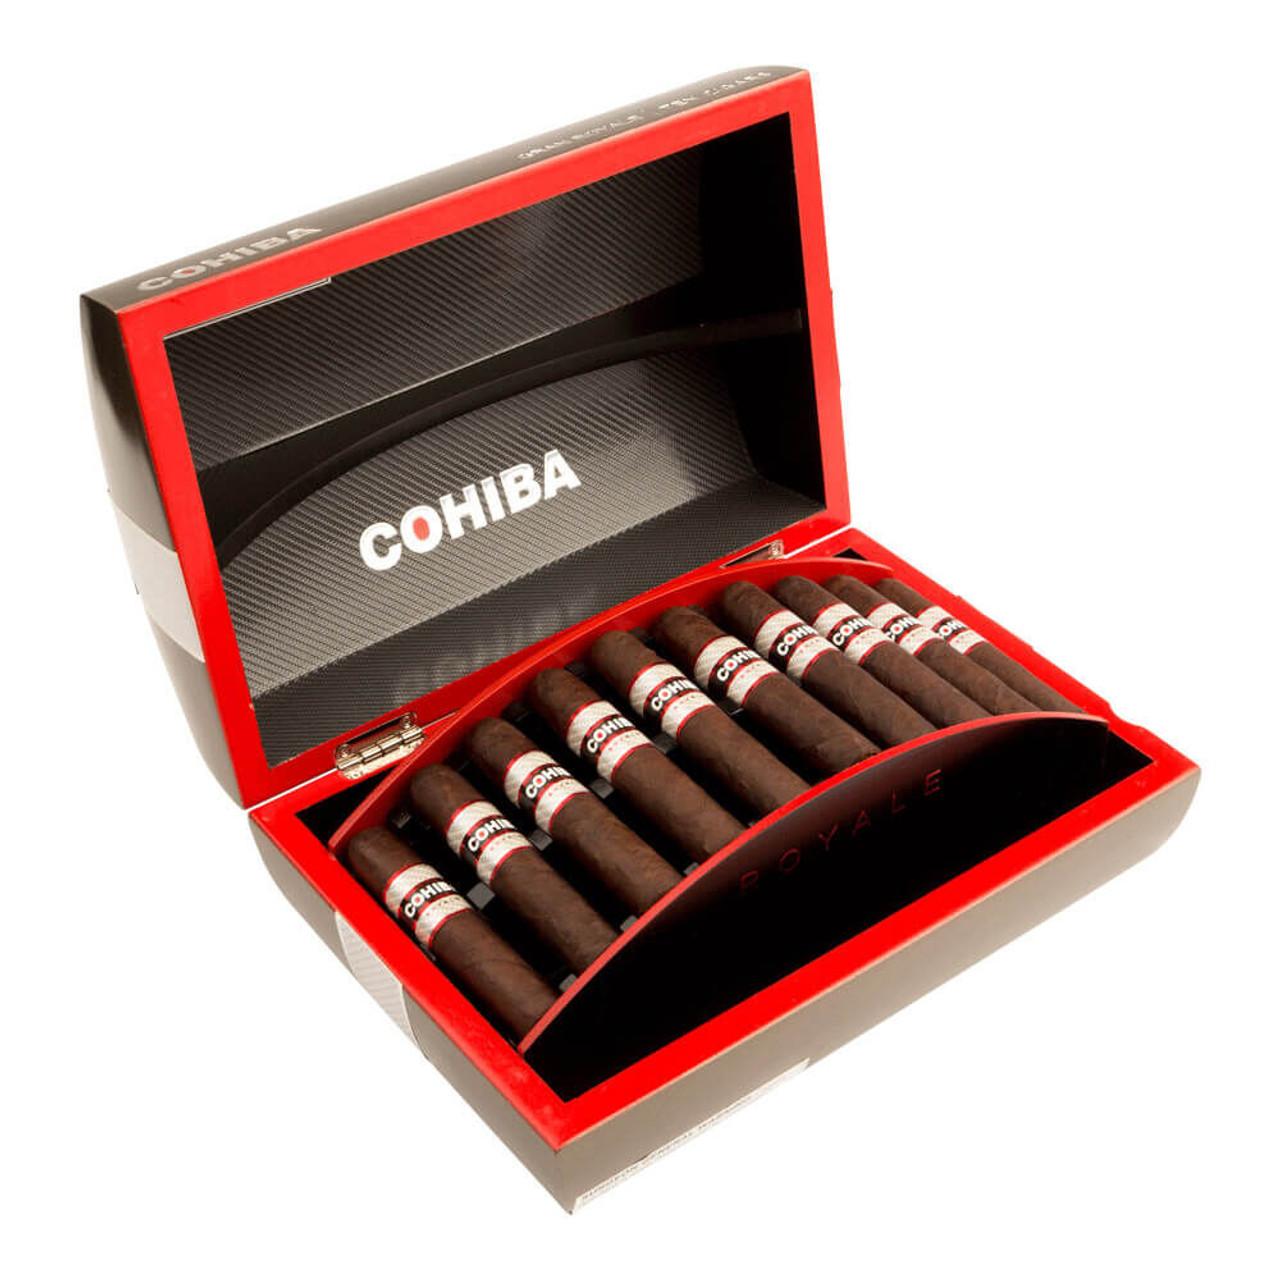 Cohiba Royale Gran Royale Cigars - 4.5 x 52 (Box of 10)